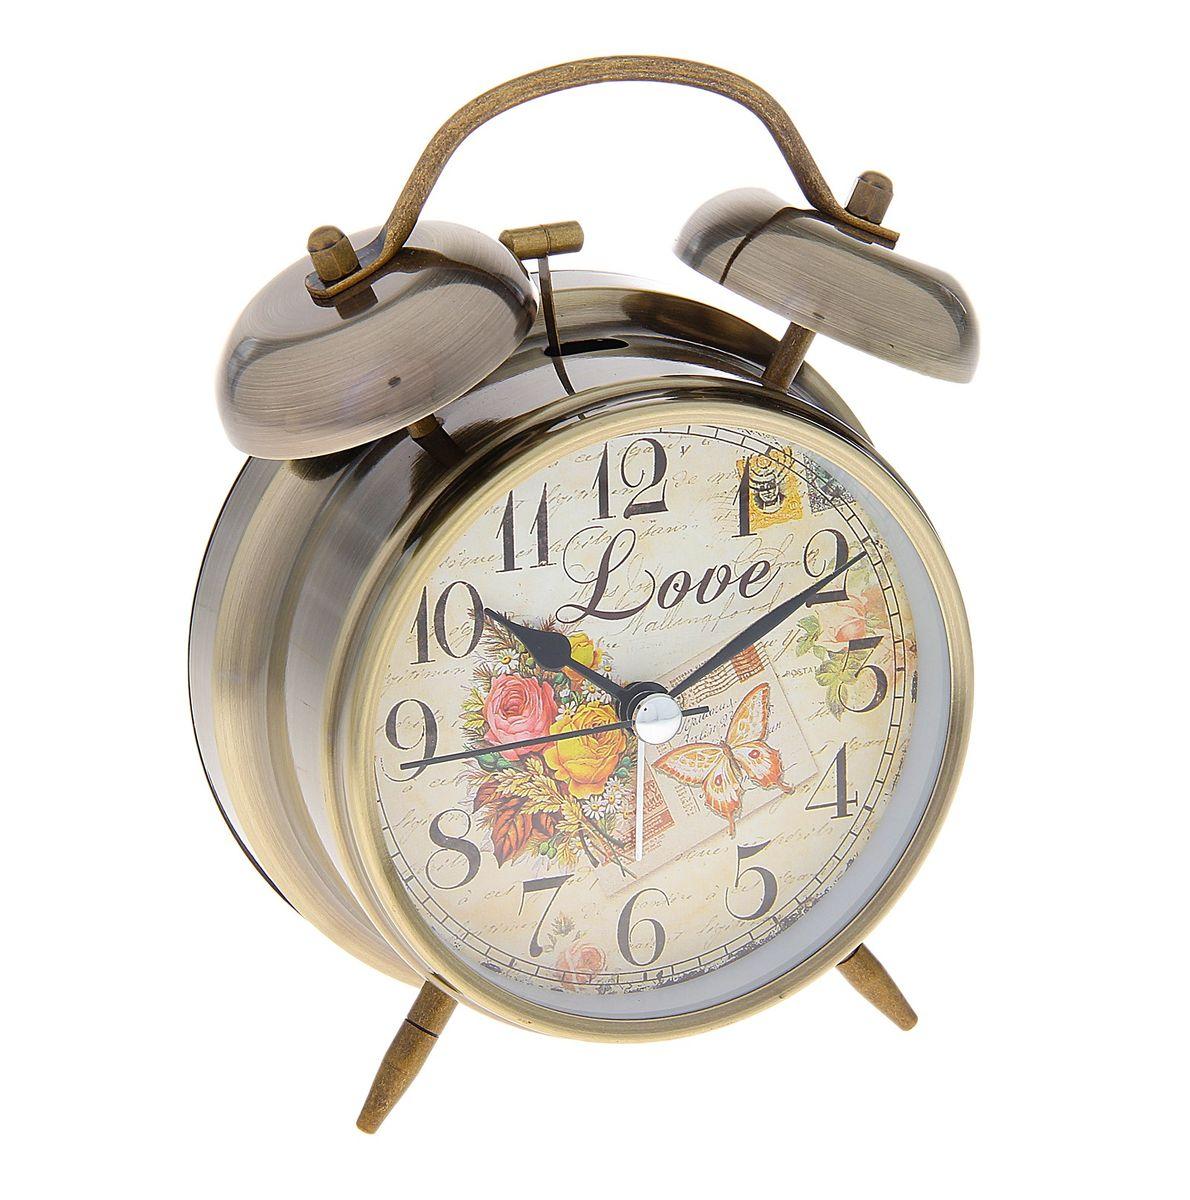 Часы-будильник Sima-land. 720859720859Как же сложно иногда вставать вовремя! Всегда так хочется поспать еще хотя бы 5 минут и бывает, что мы просыпаем. Теперь этого не случится! Яркий, оригинальный будильник Sima-land поможет вам всегда вставать в нужное время и успевать везде и всюду. Время показывает точно и будит в установленный час. Будильник украсит вашу комнату и приведет в восхищение друзей. На задней панели будильника расположены переключатель включения/выключения механизма и два колесика для настройки текущего времени и времени звонка будильника. Также будильник оснащен кнопкой, при нажатии и удержании которой, подсвечивается циферблат. Будильник работает от 2 батареек типа AA напряжением 1,5V (не входят в комплект).